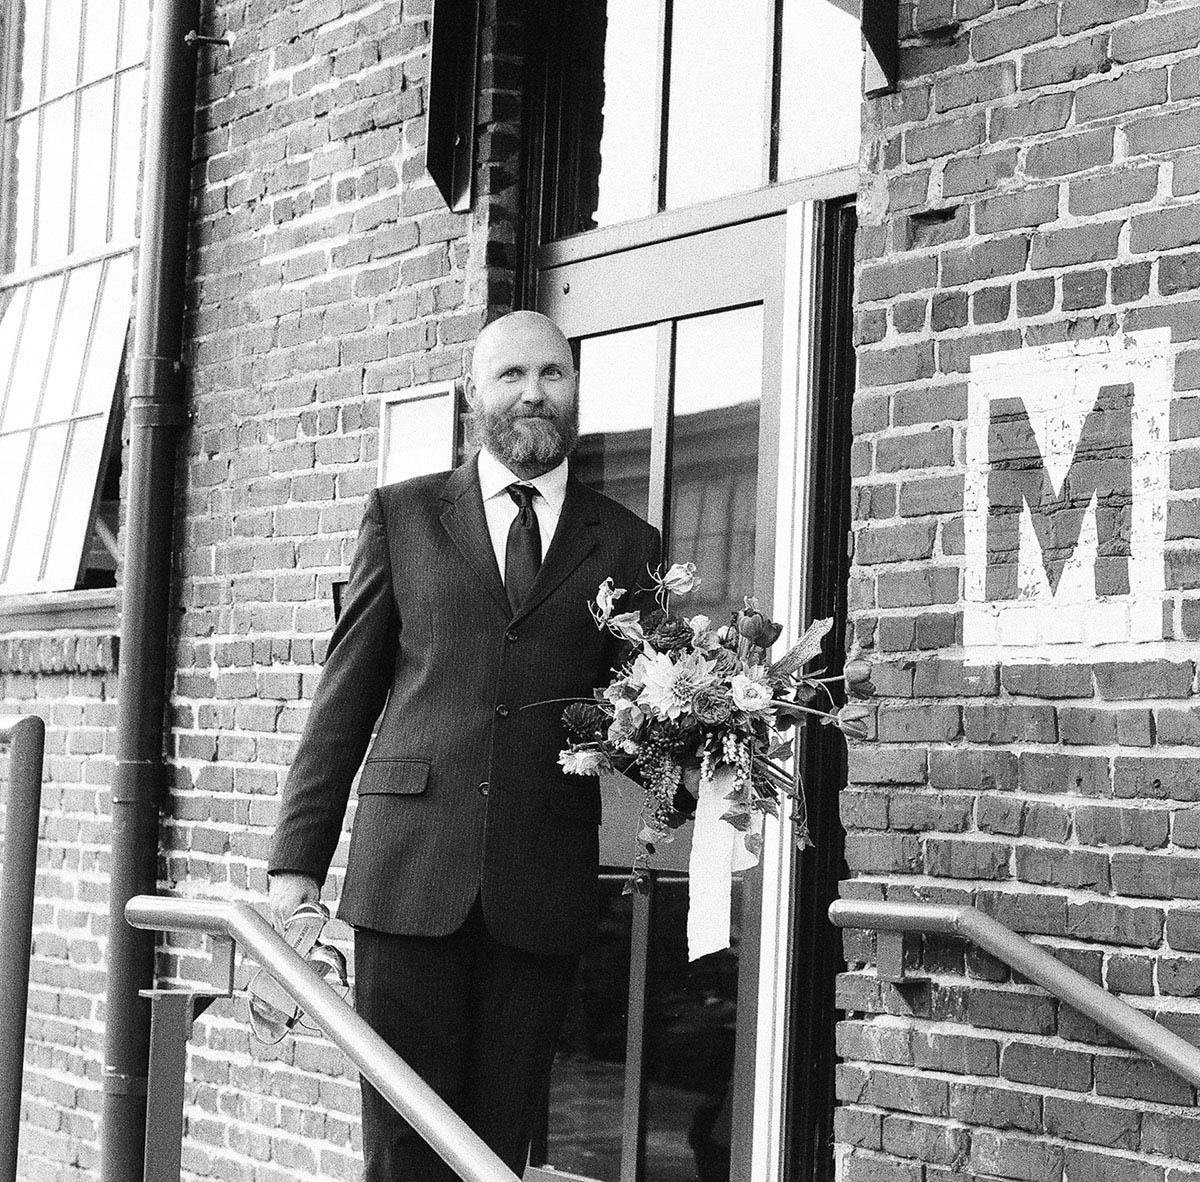 22-man-holding-bouquet.jpg